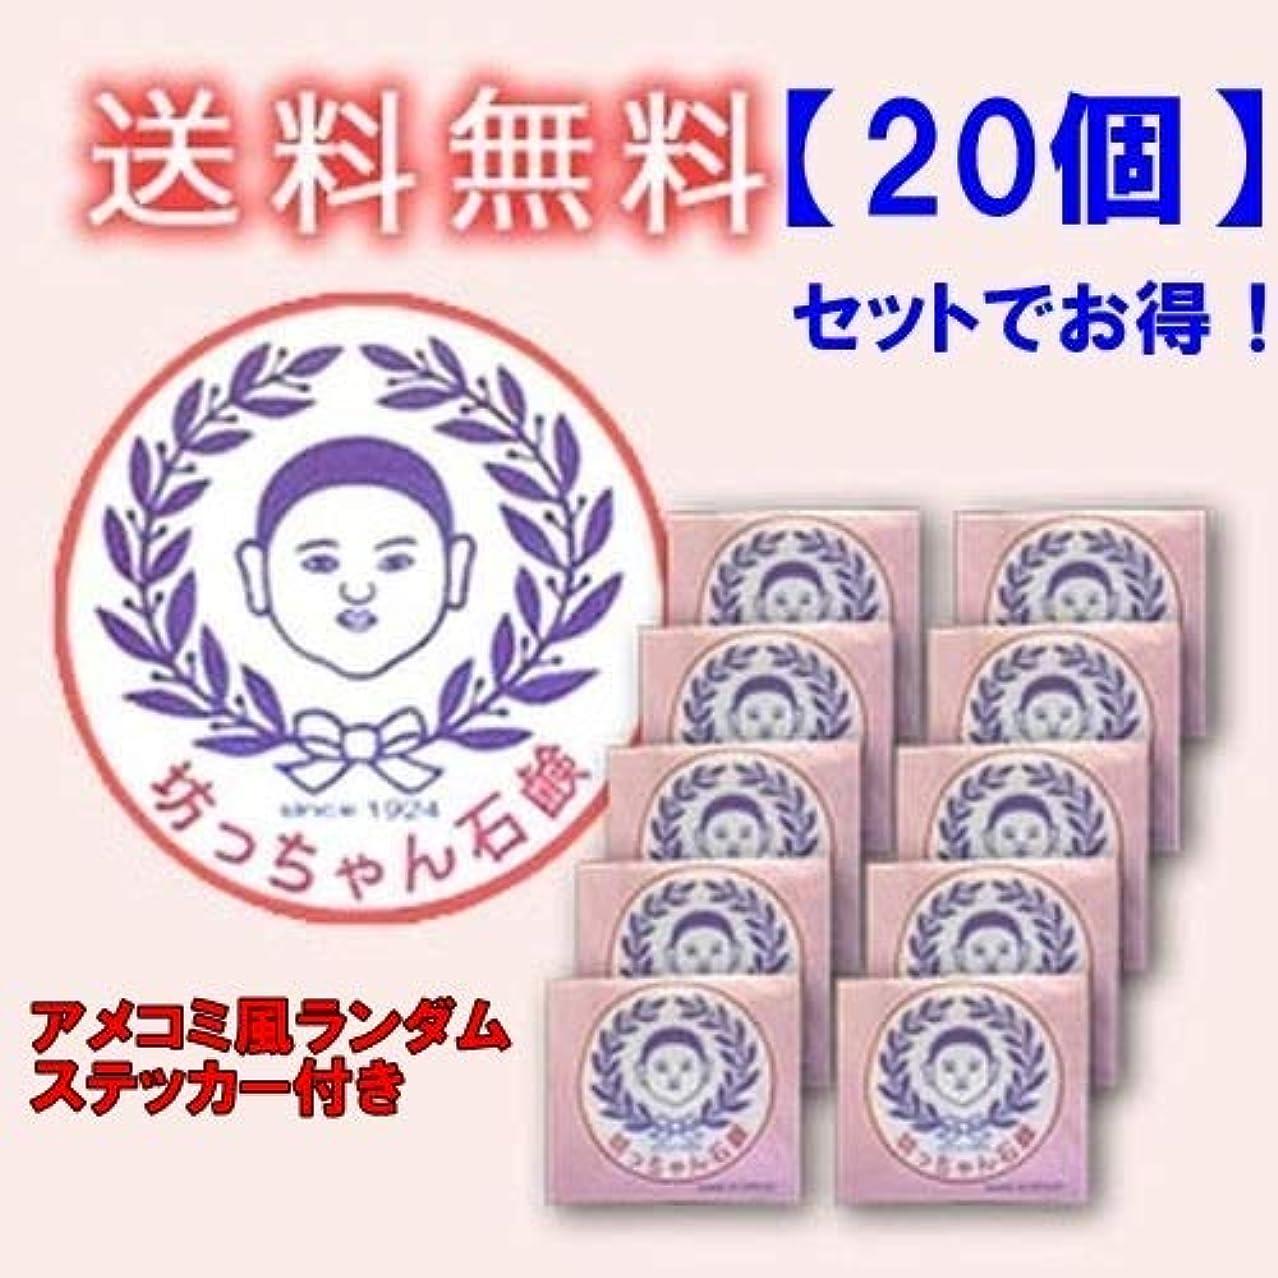 モディッシュアスリートリンク【20個】釜出し一番石けん 坊っちゃん石鹸 175g×20個まとめ買い